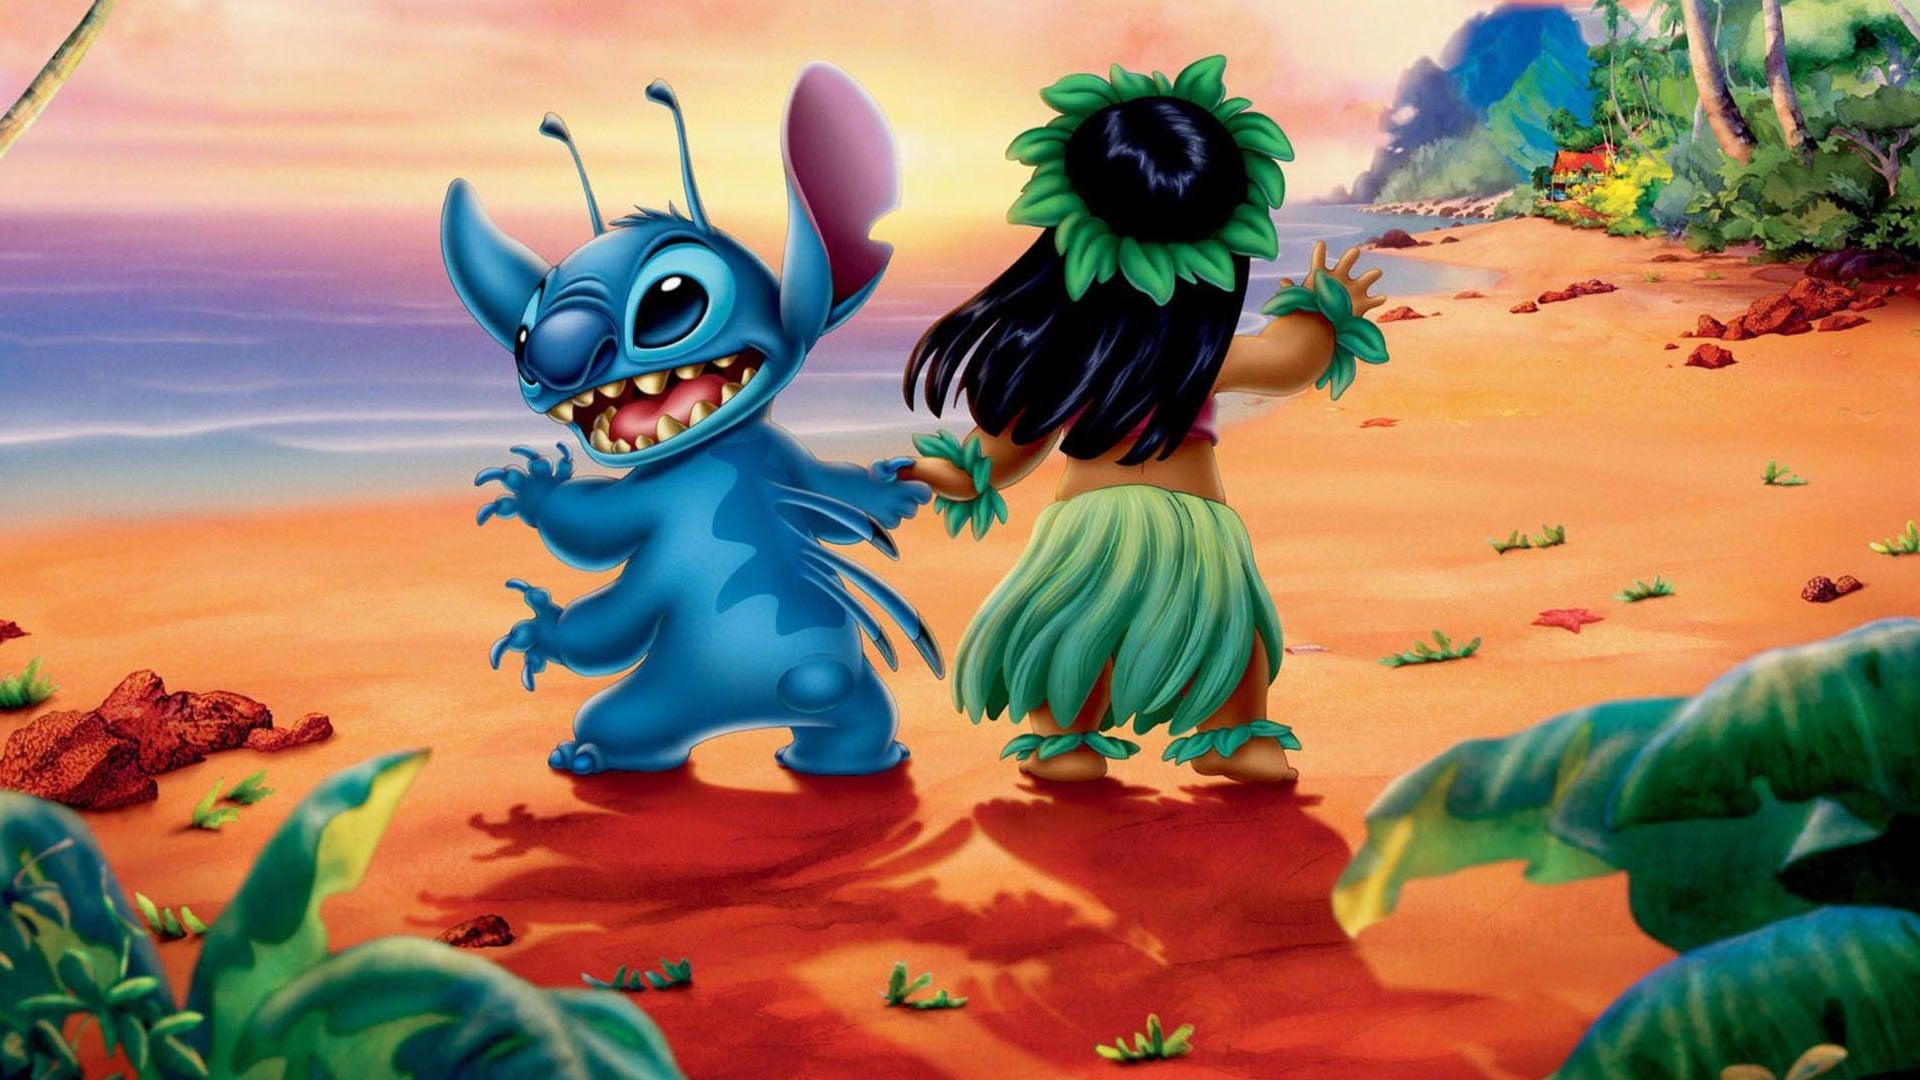 Image: Lilo and Stitch/TMDb